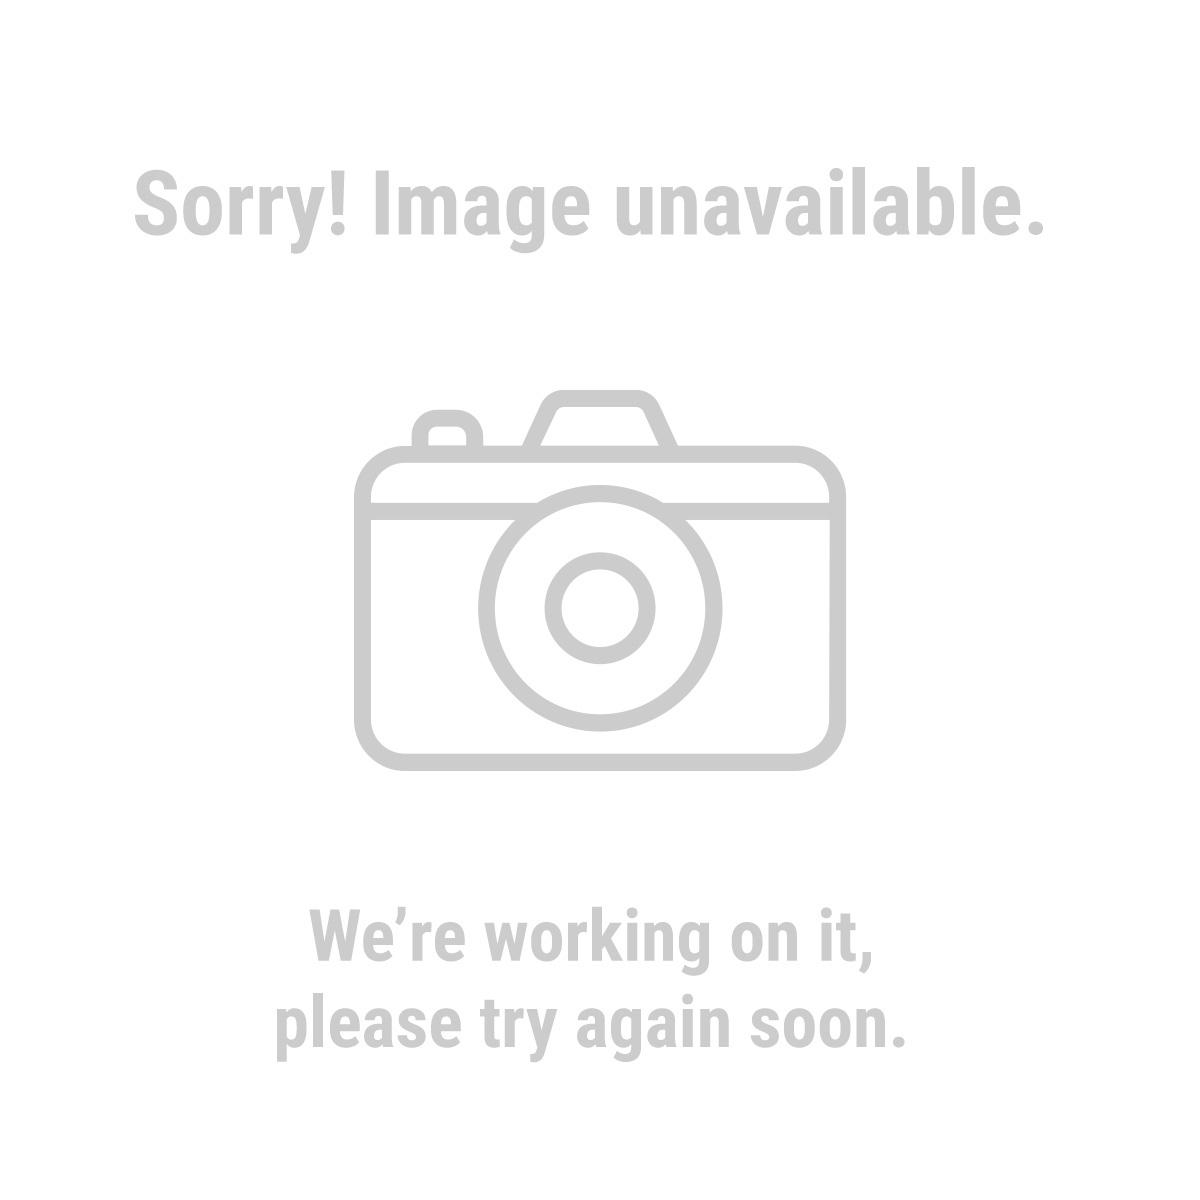 Bunker Hill Security® 61724 0.71 cu. ft. Electronic Digital Safe